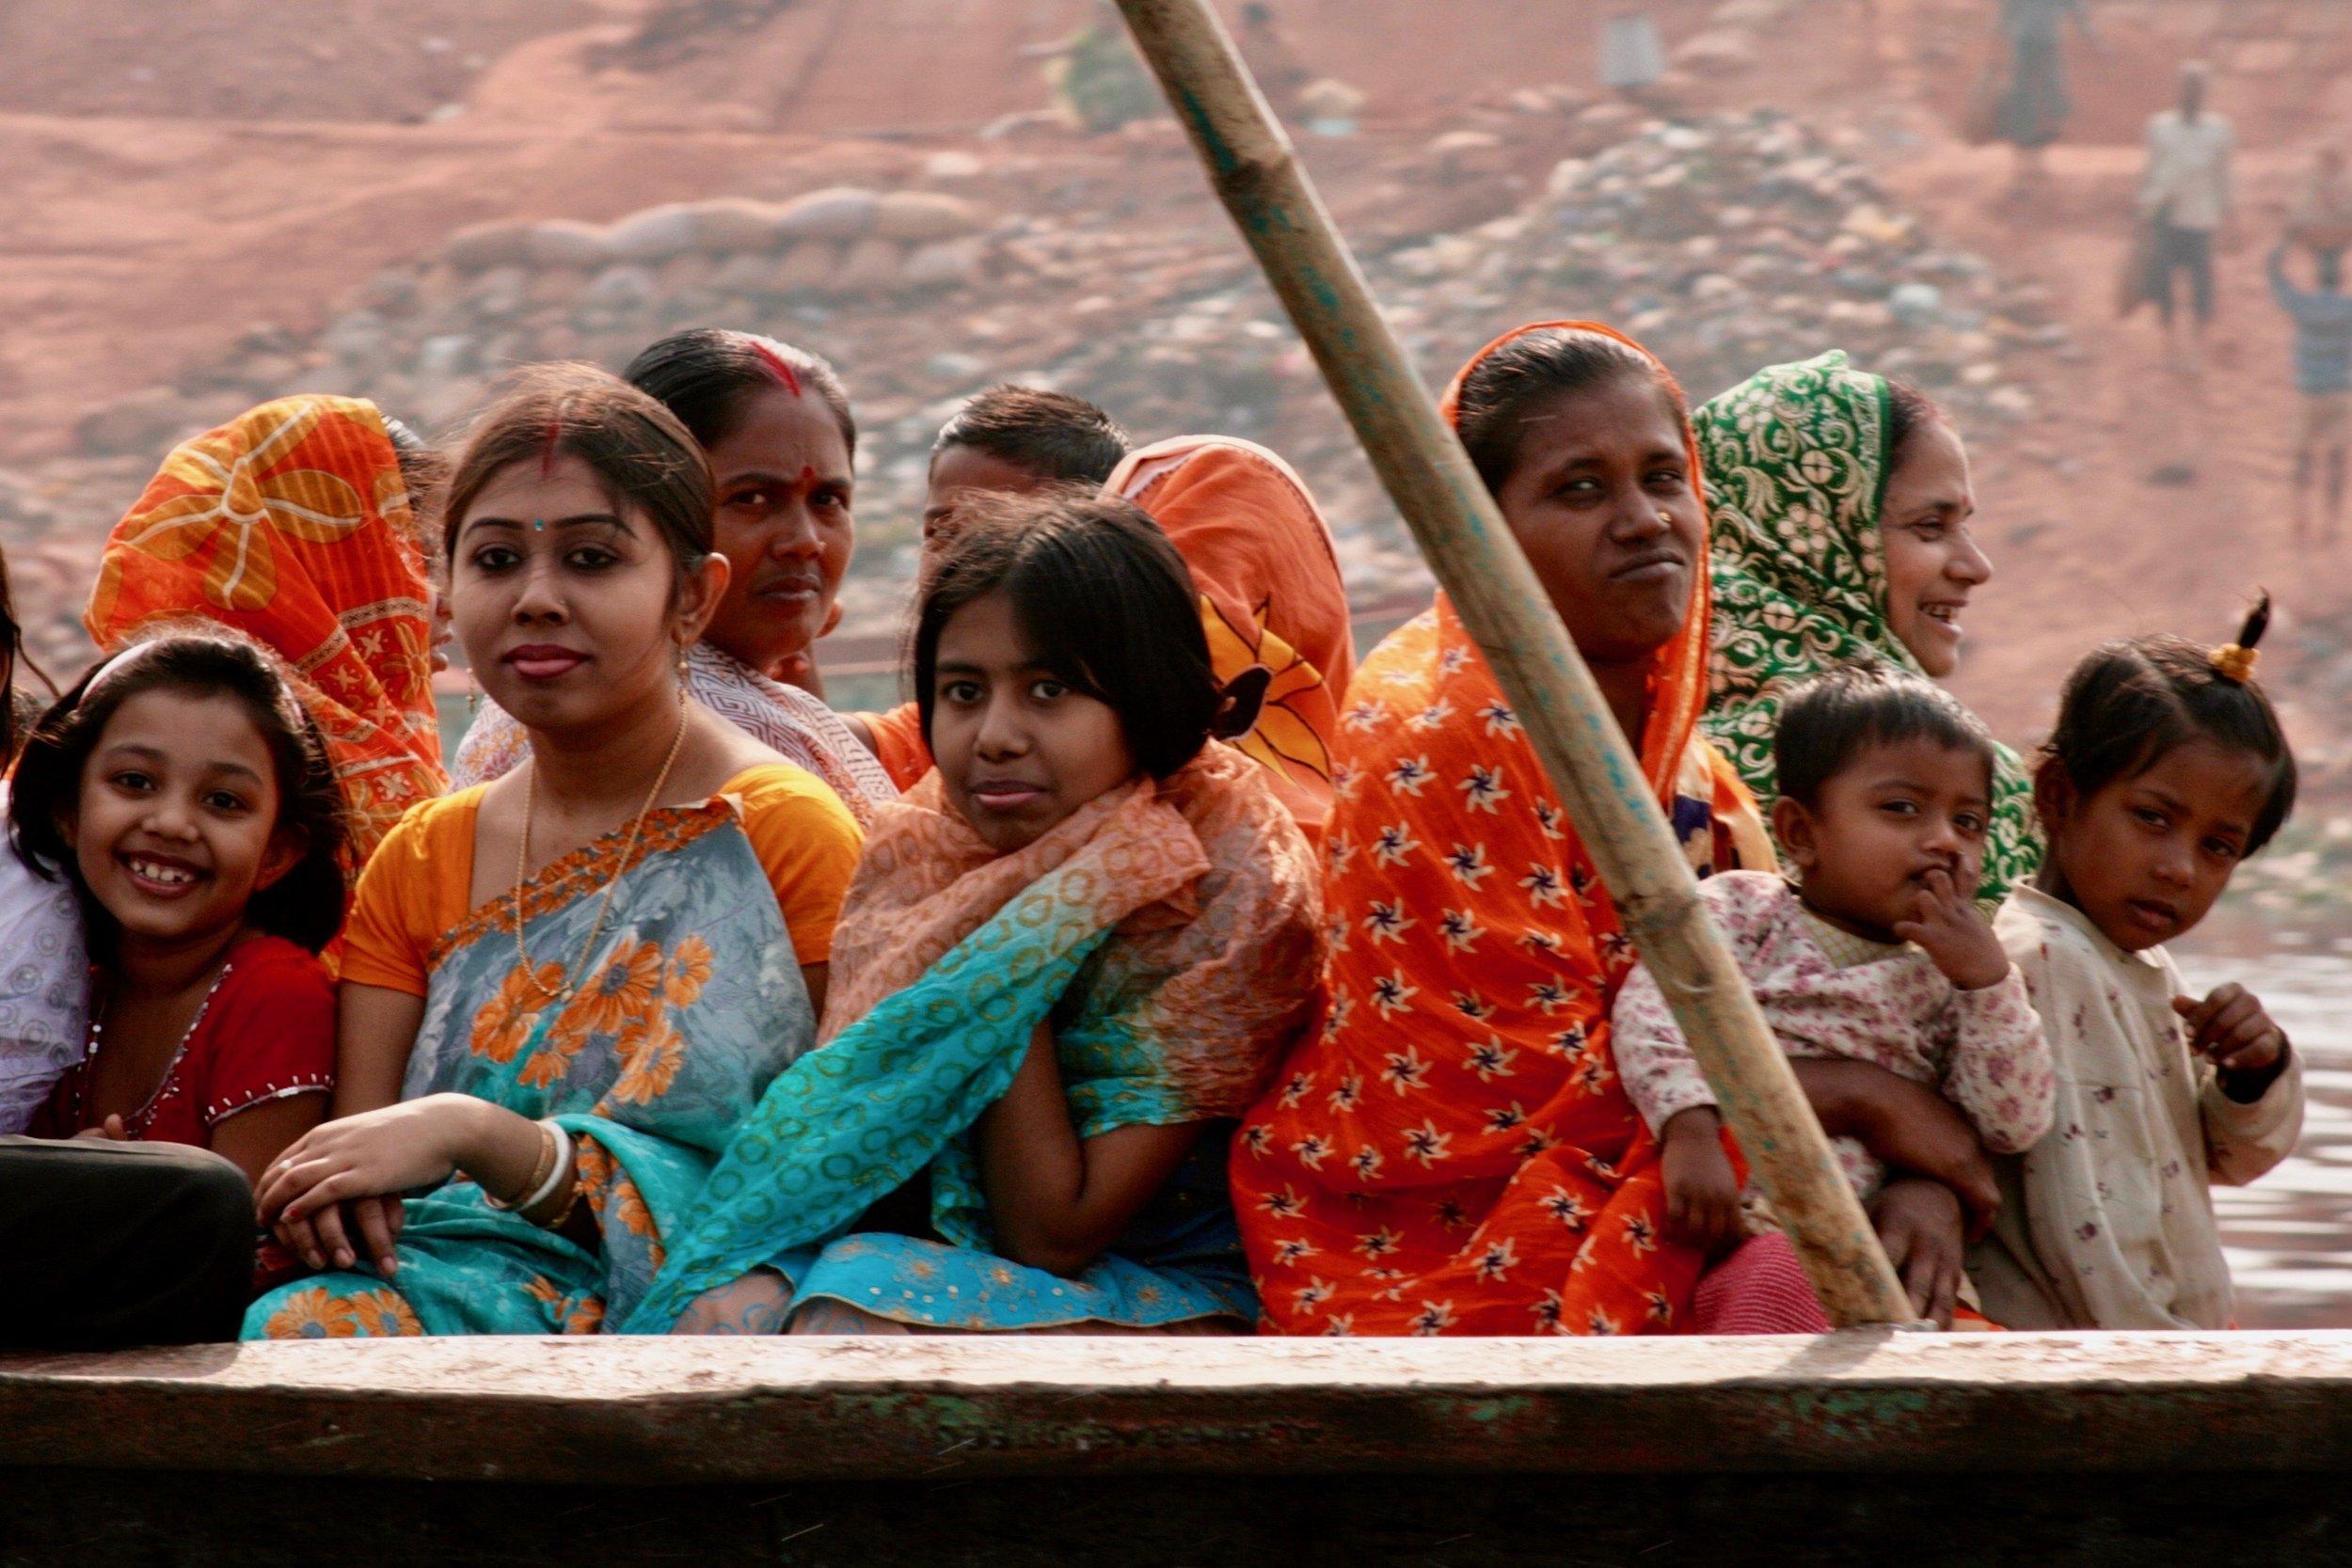 People-Dhaka Boat People.jpg